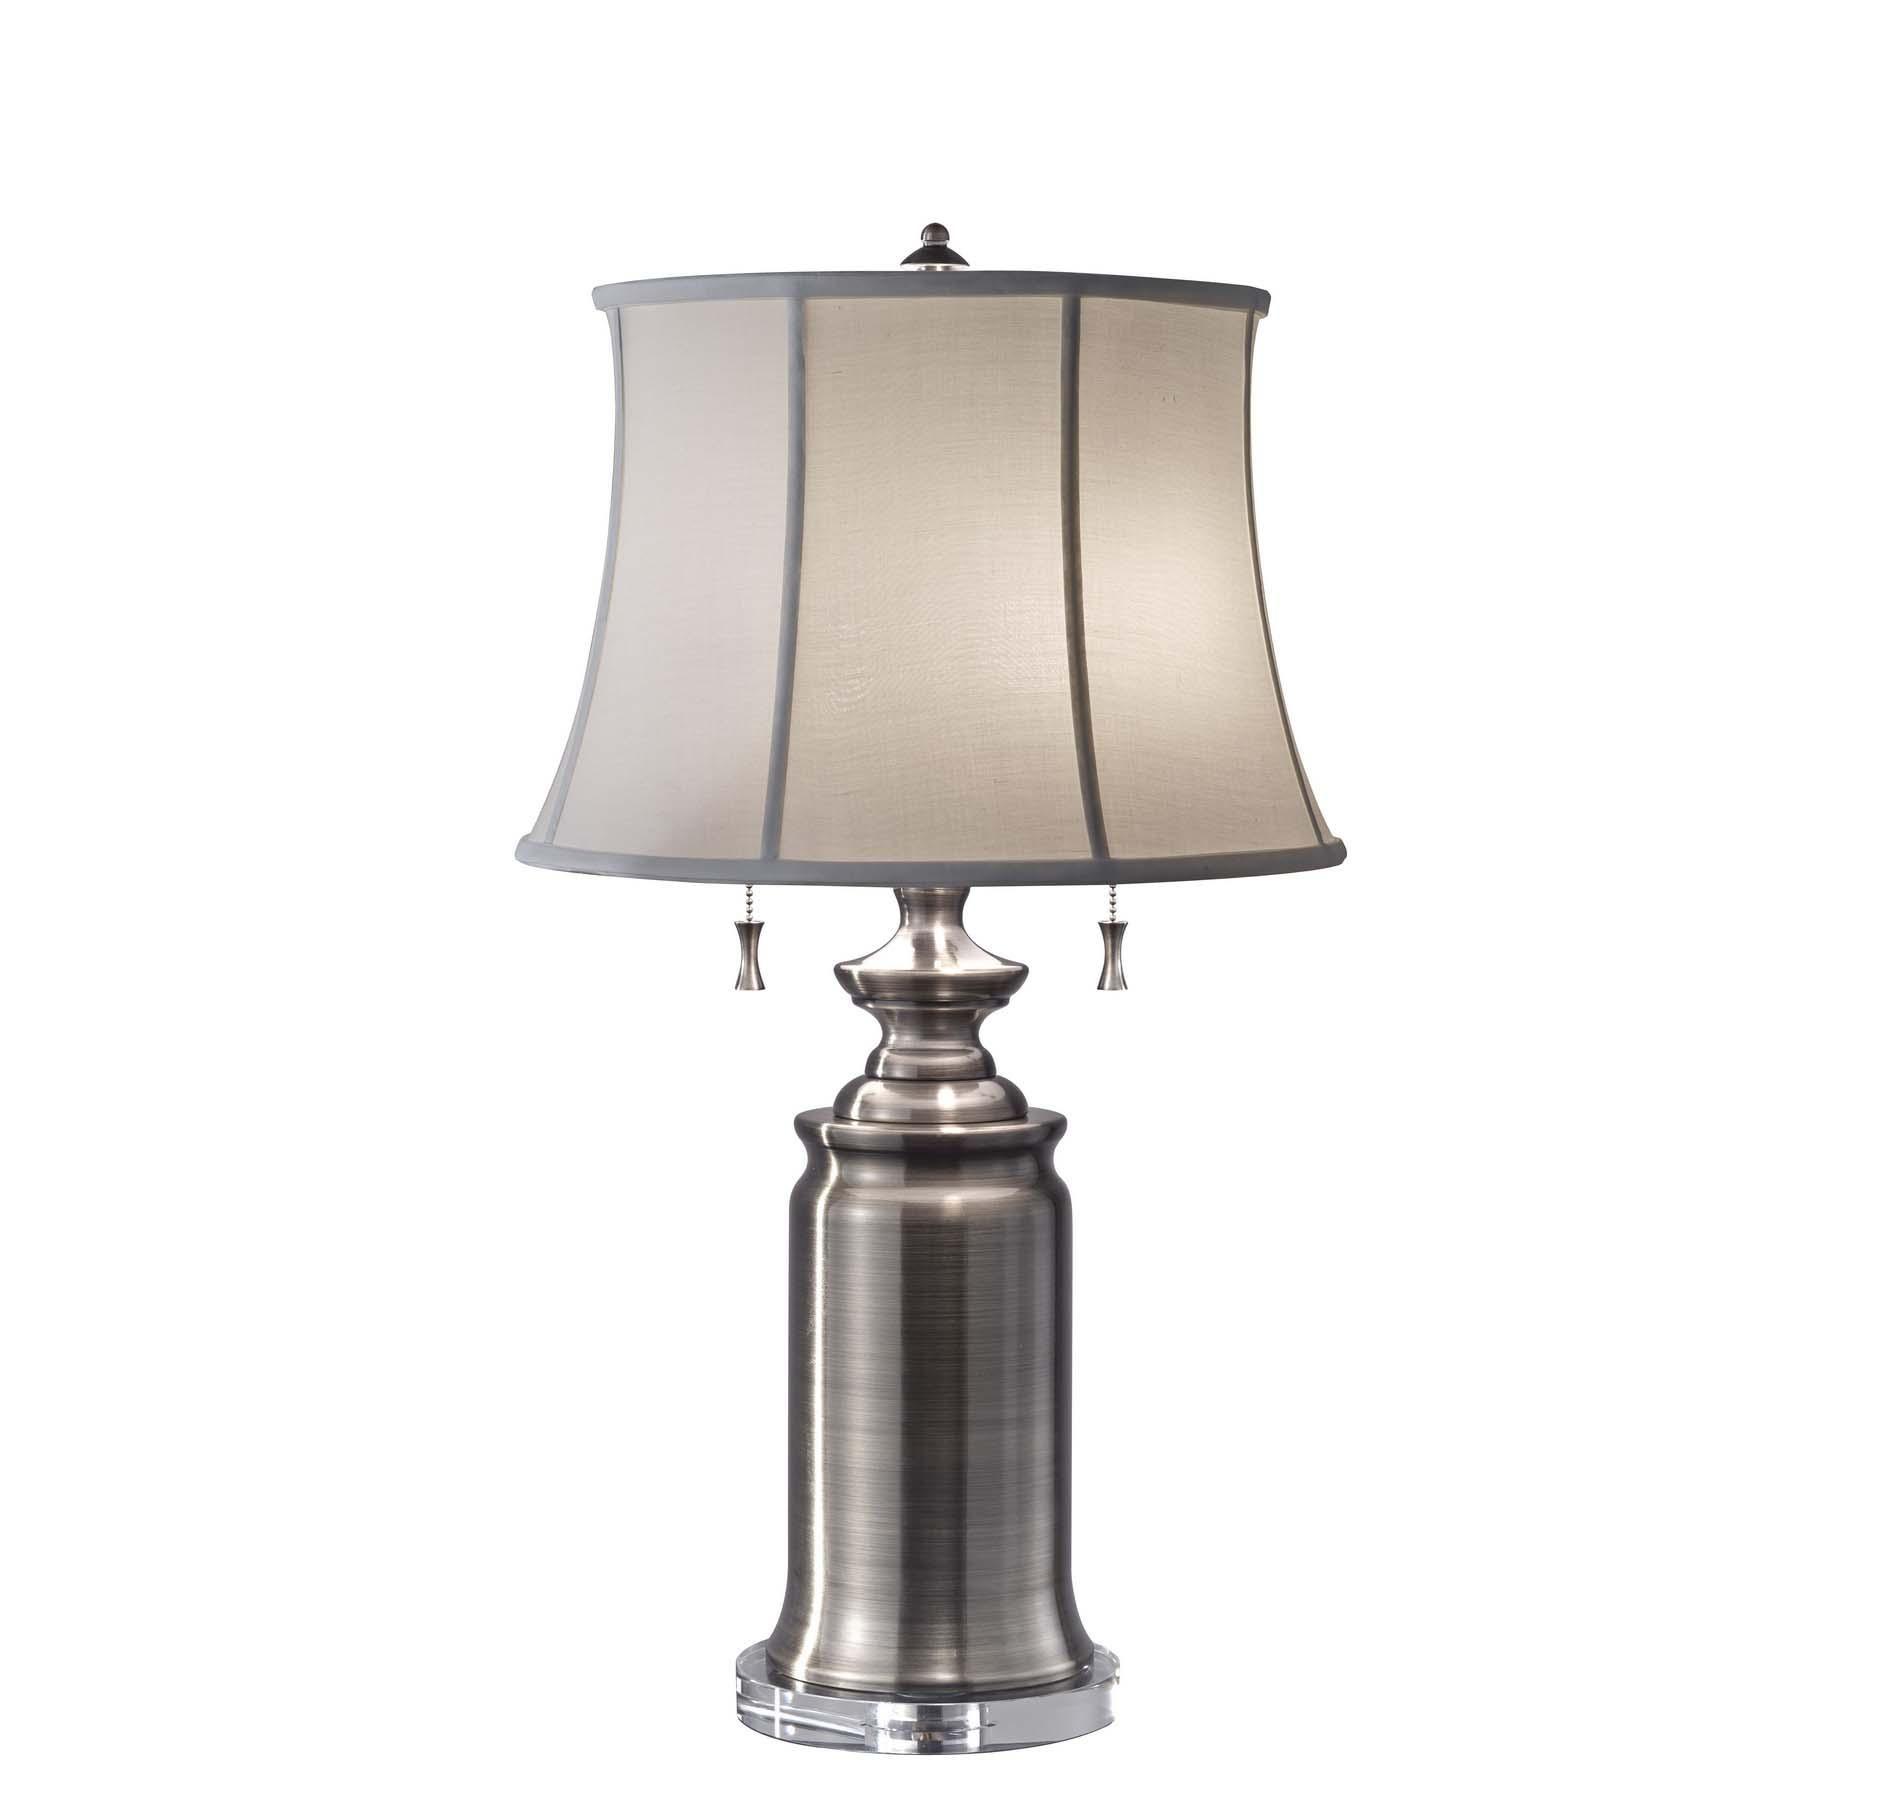 Lampenschirme Fur Tischlampen Moderne Stehleuchte Shade Lime Grun